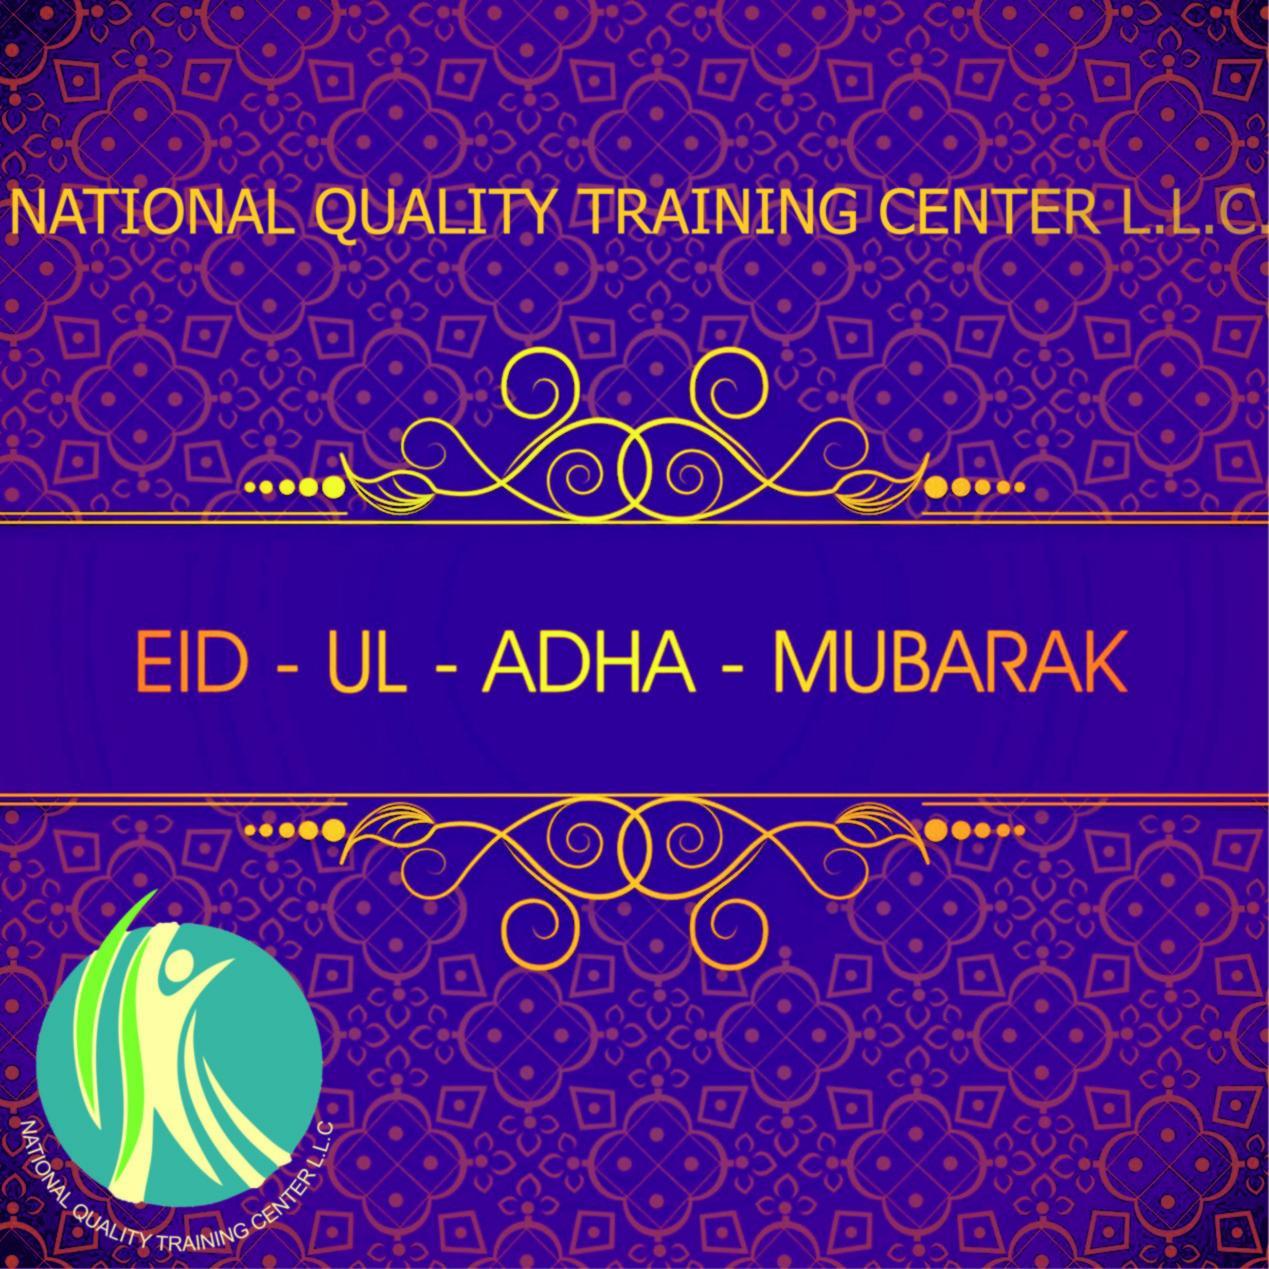 Eid al adha greetings e1504096847346 forest nqtc eid al adha greetings e1504096847346 forest m4hsunfo